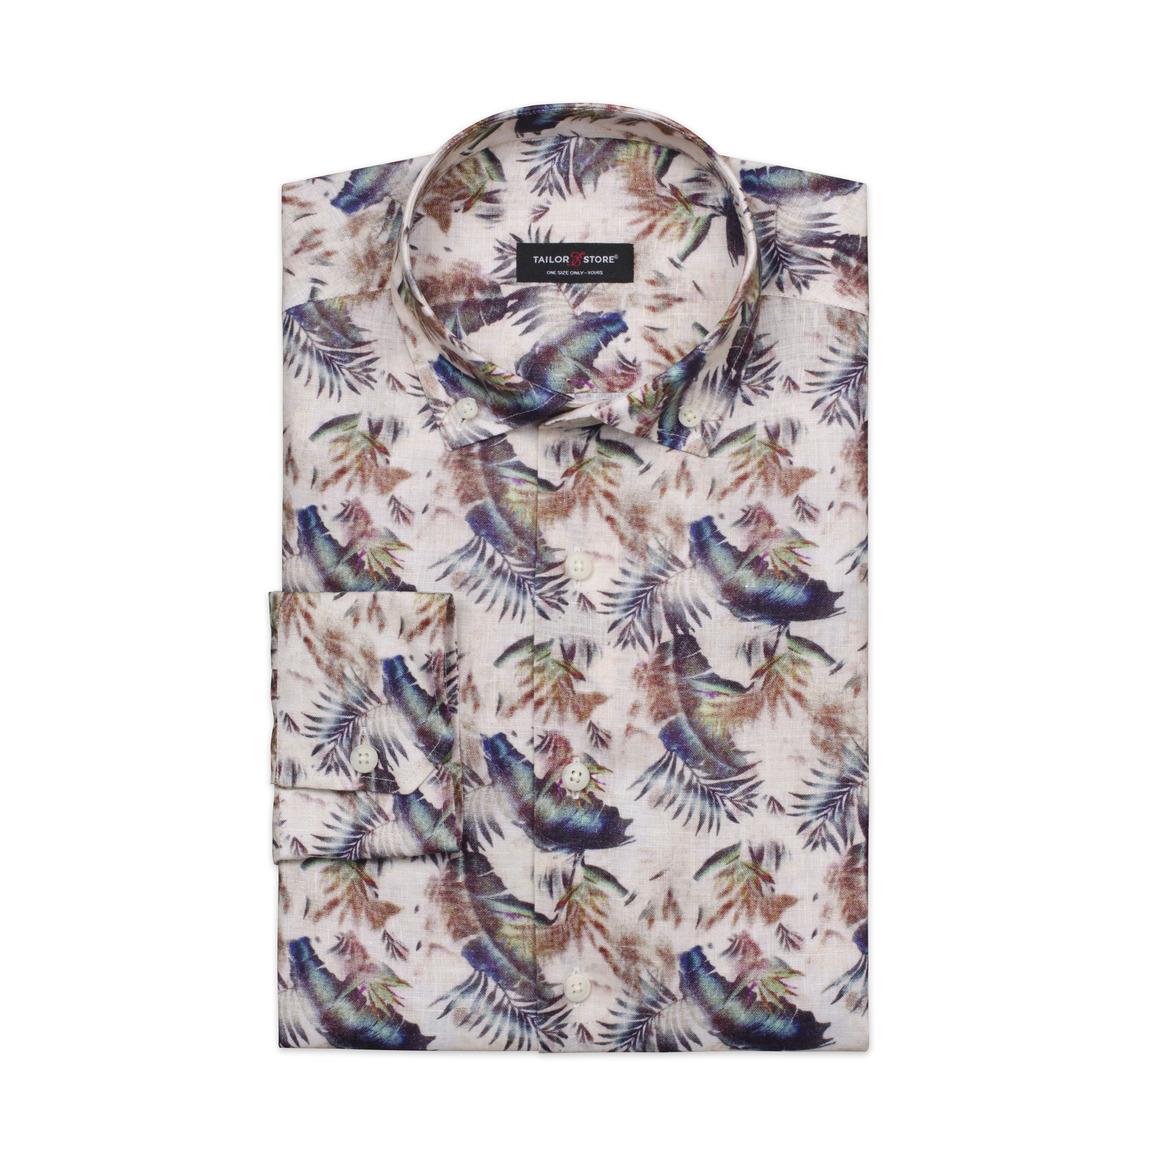 Limited edition, linneskjorta med mönster av blad och fjädrar